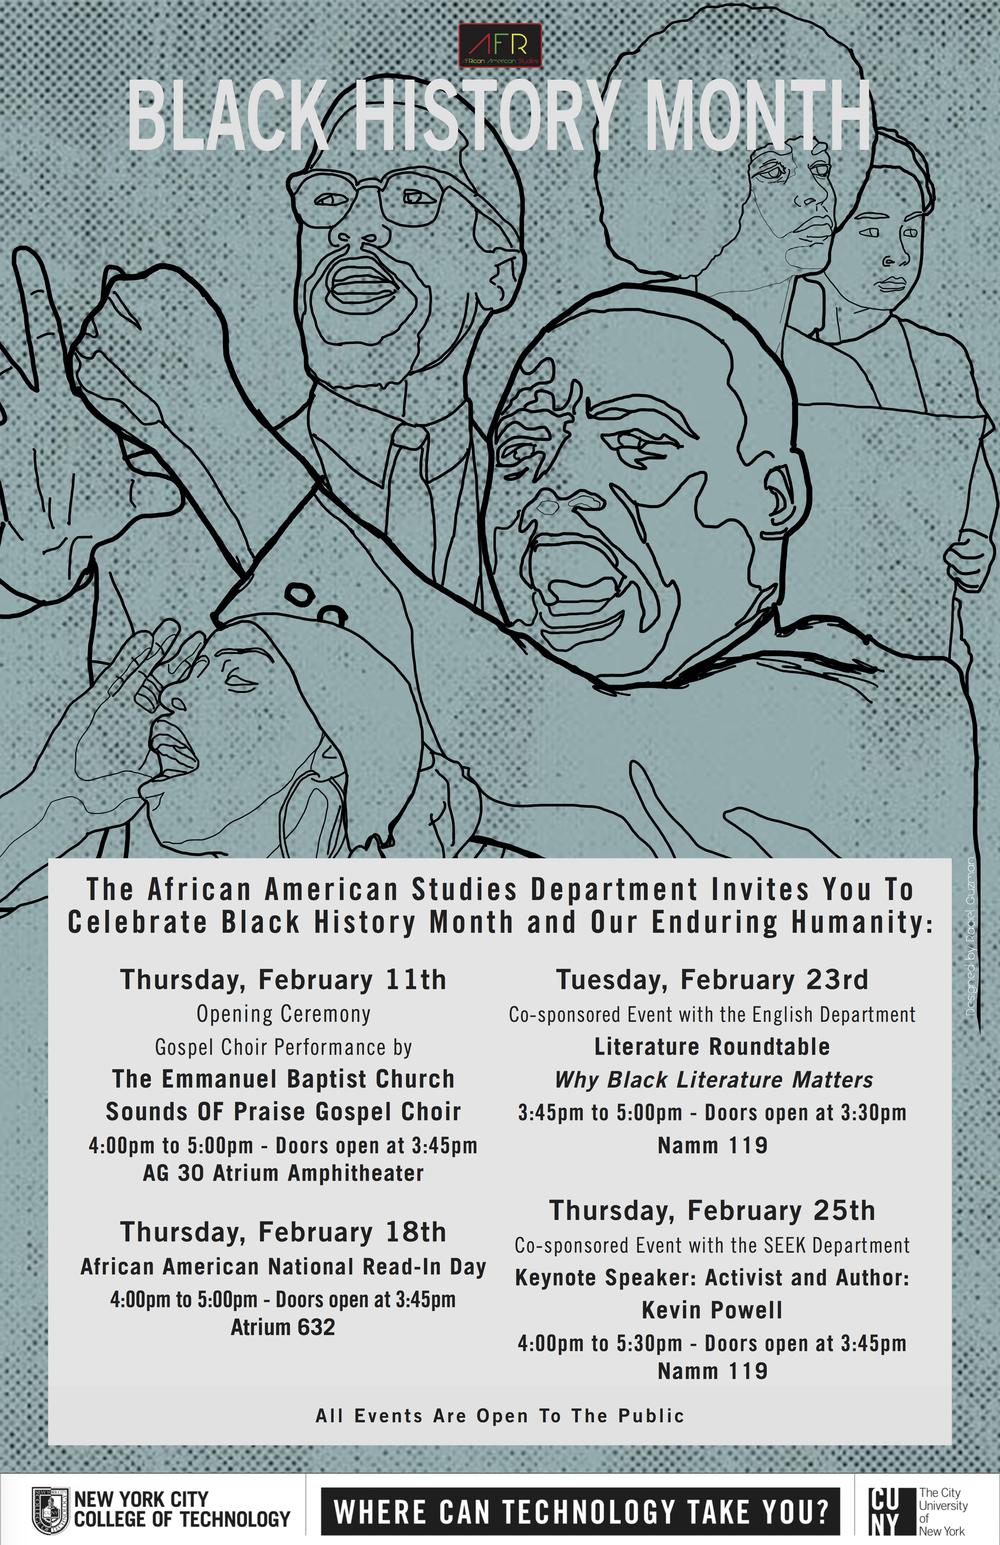 FC_AFR_Black_History_Month_Poster.jpg